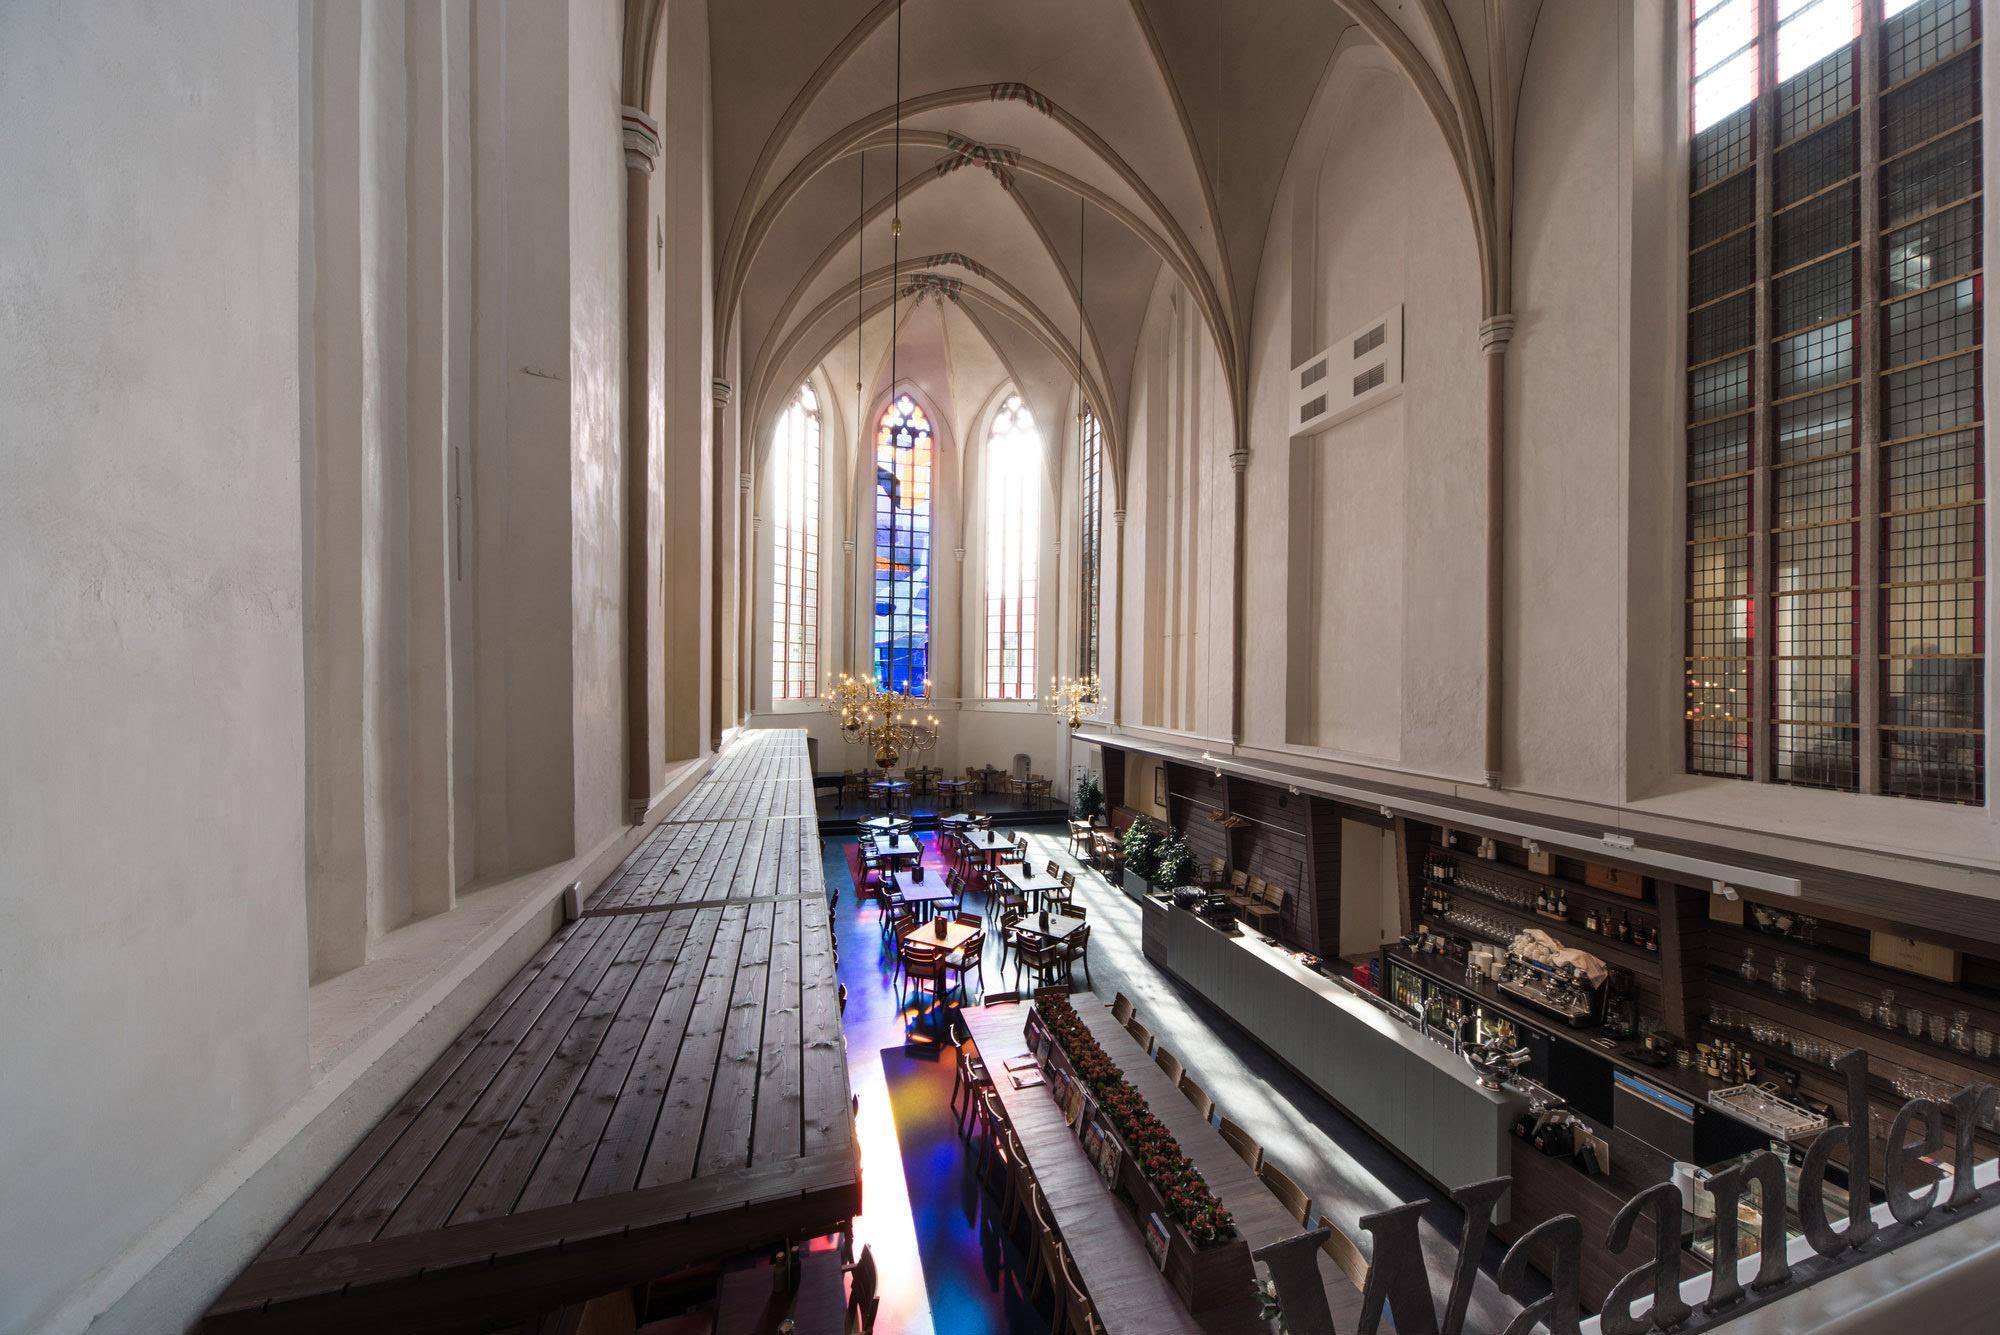 欧式建筑的文化底蕴